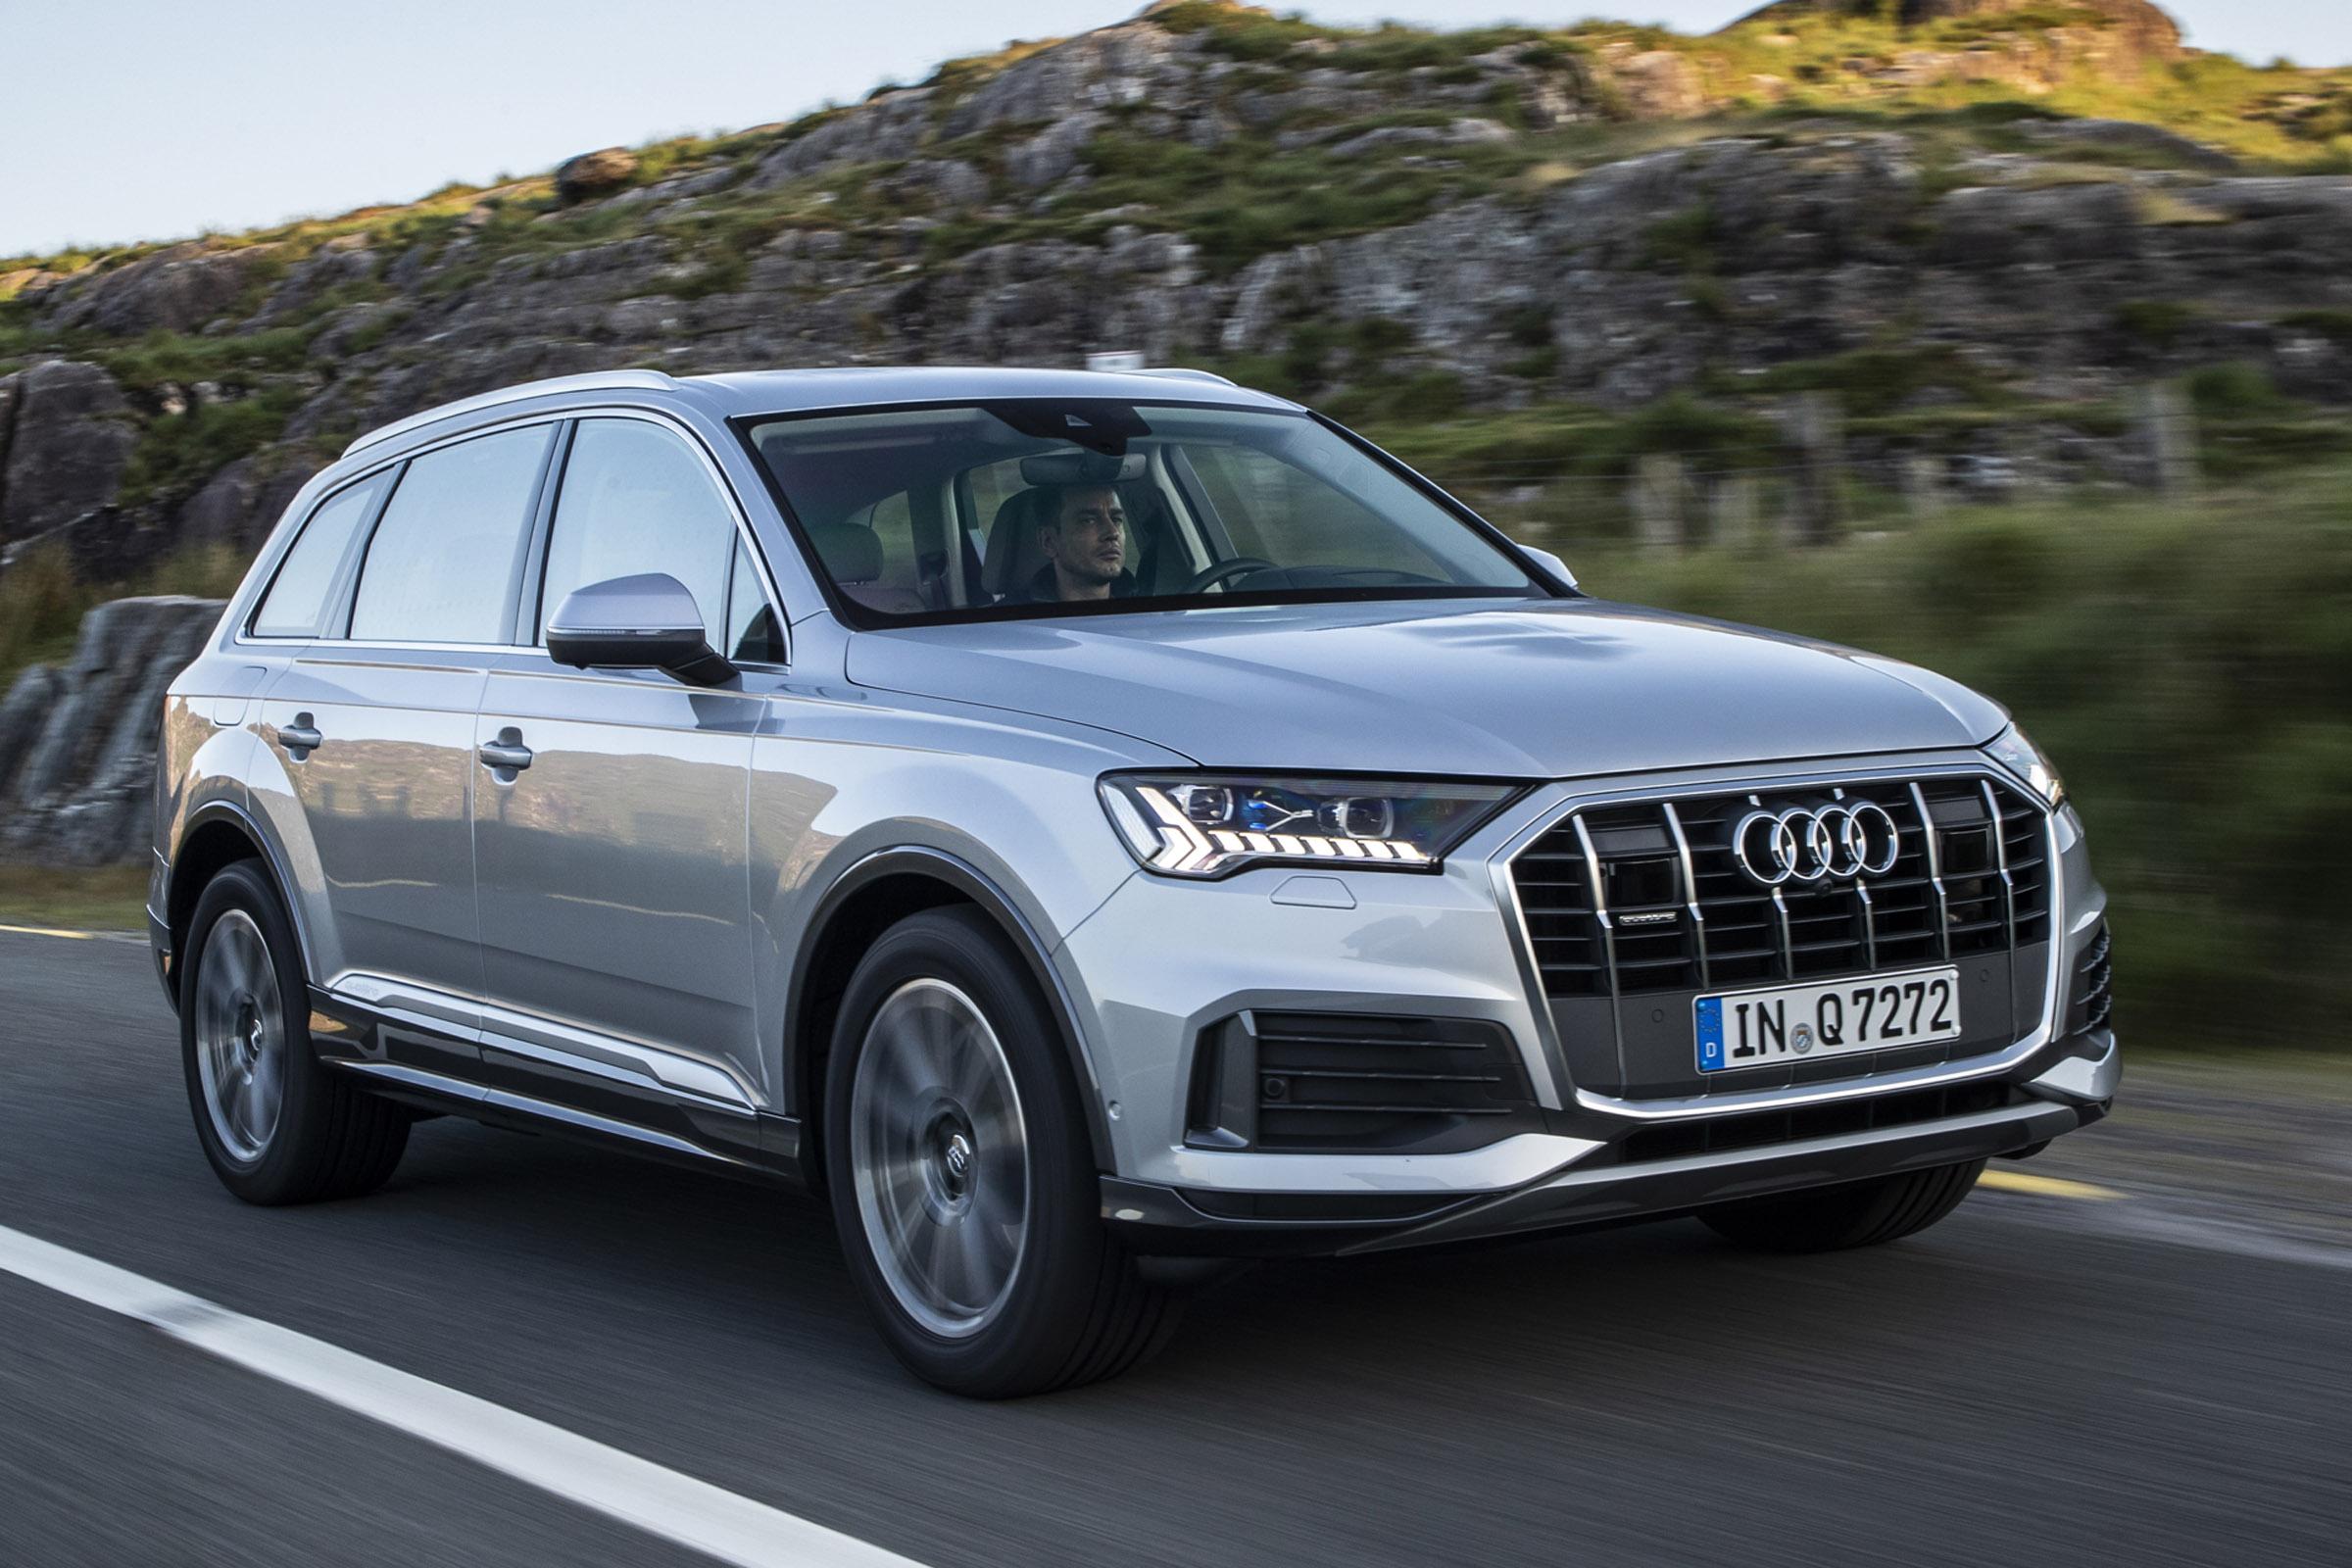 Kelebihan Audi X7 Tangguh